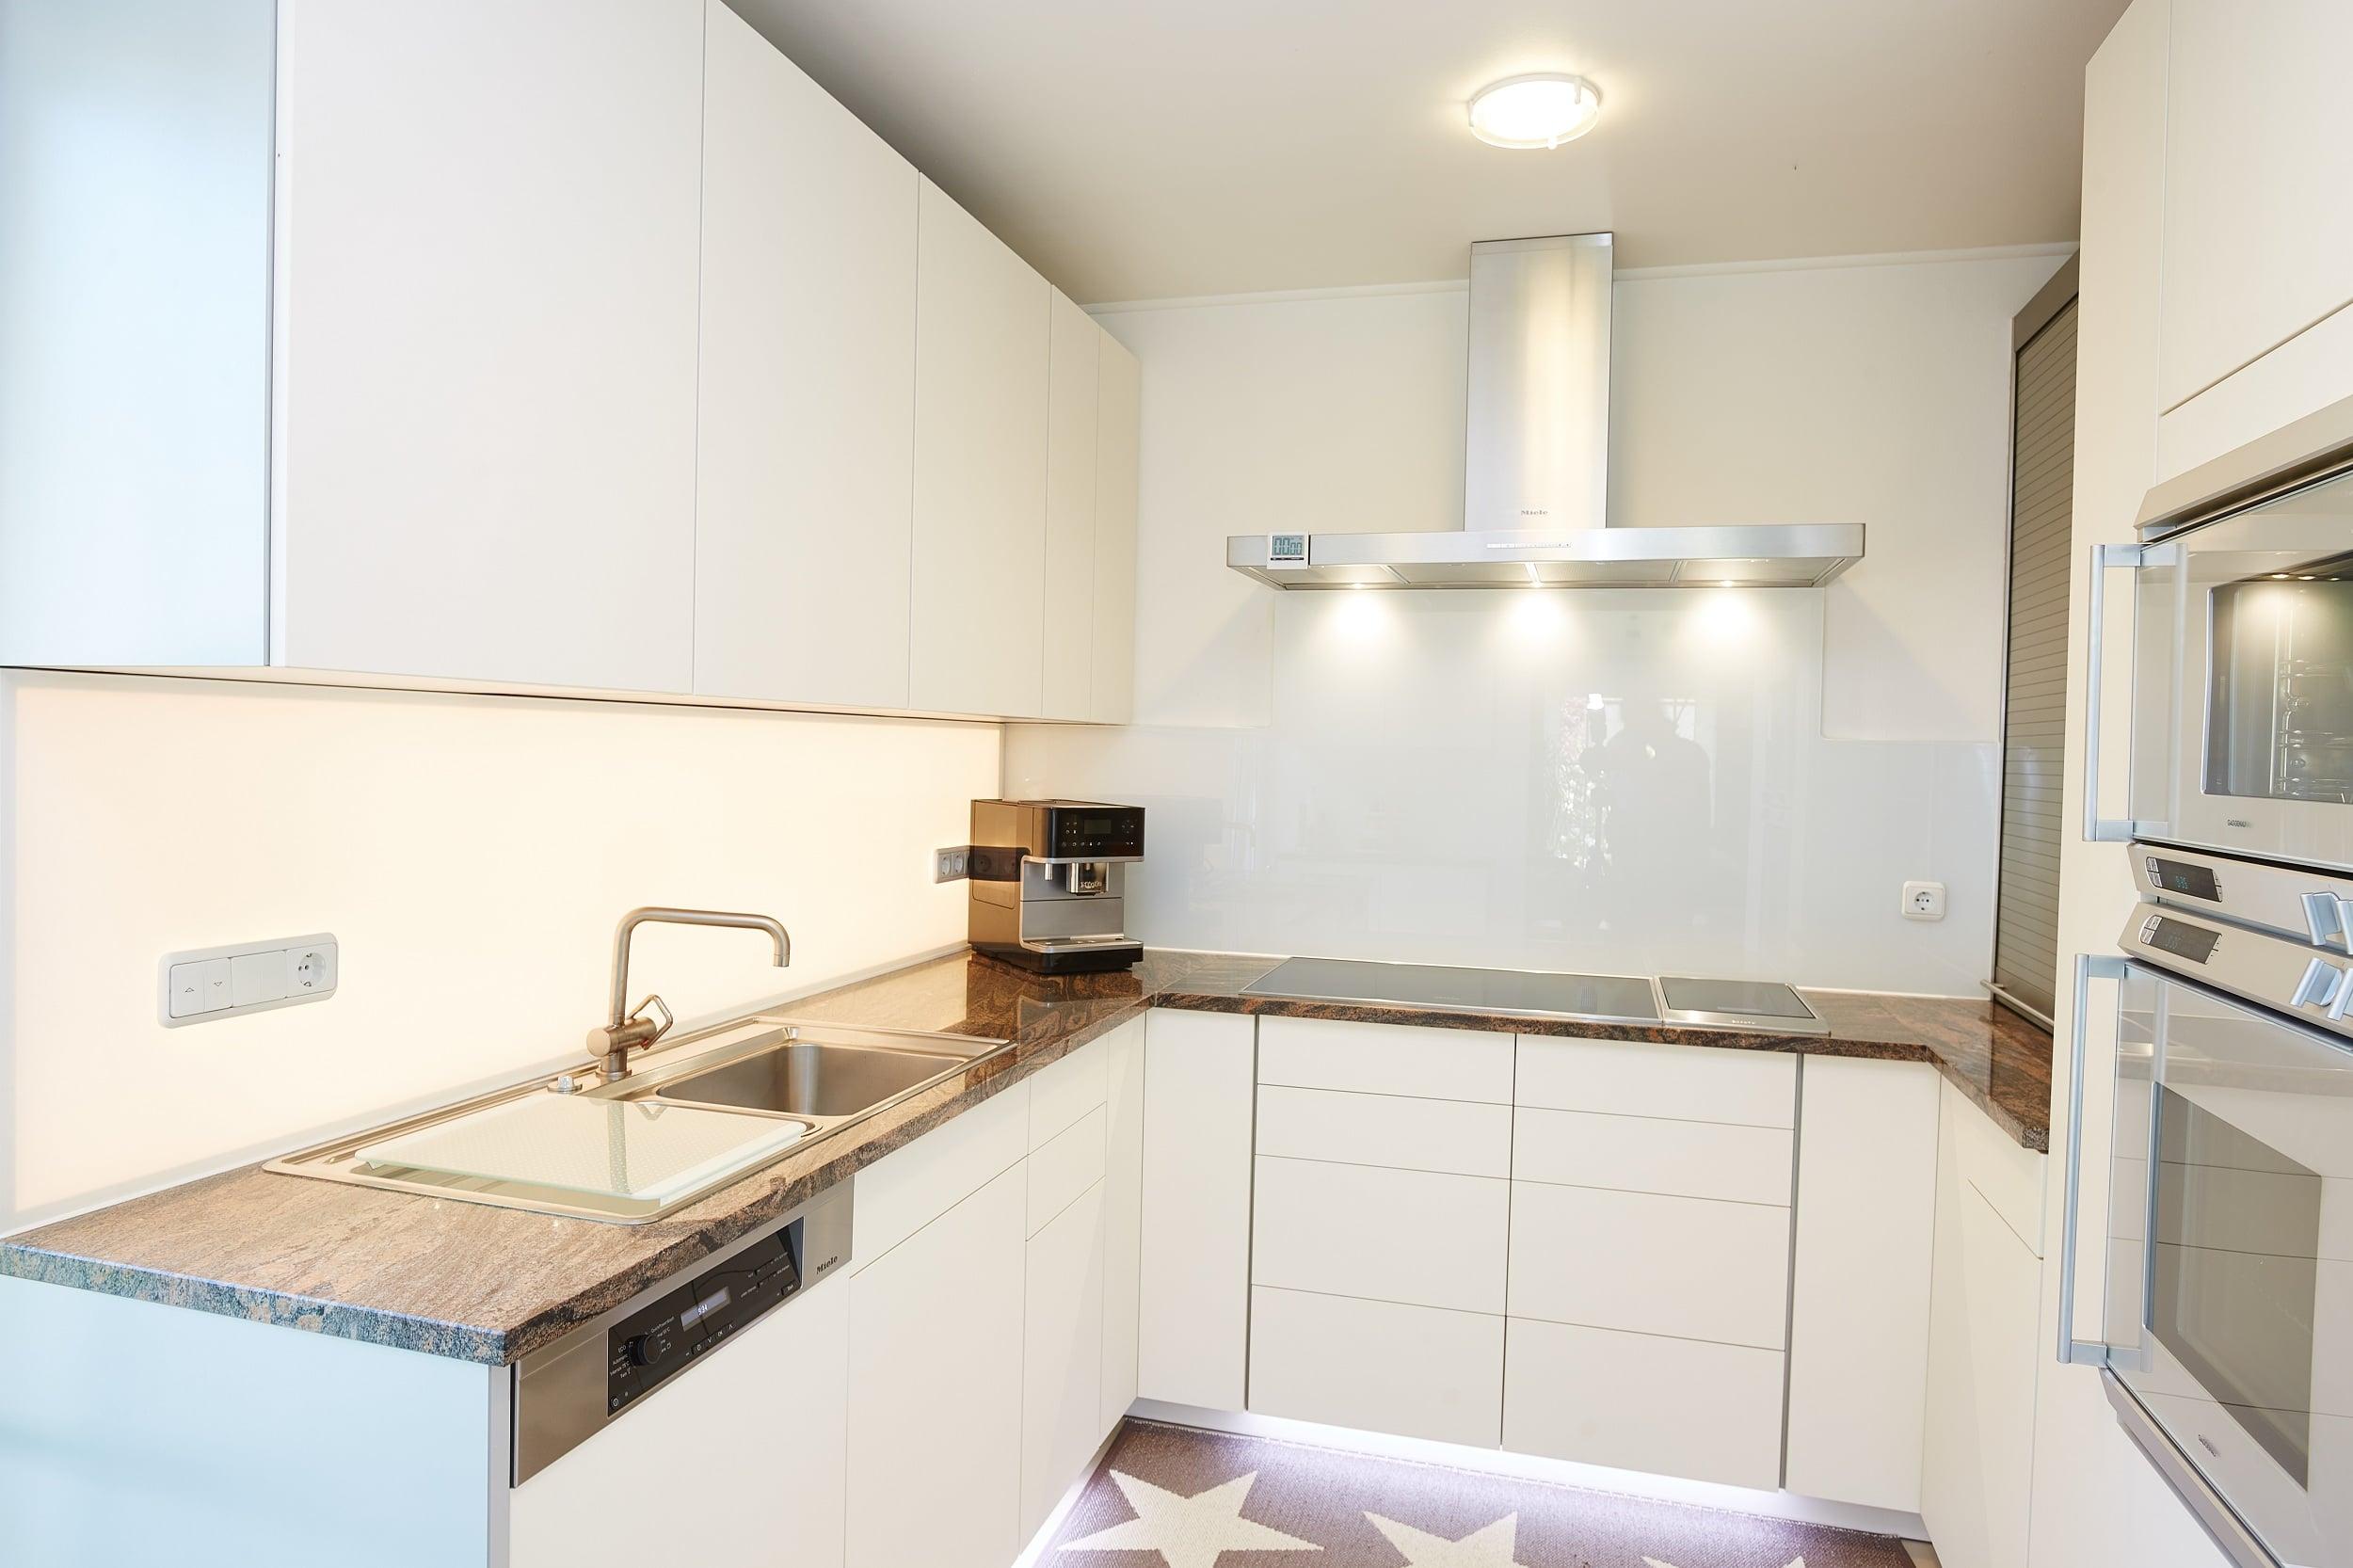 Full Size of Helle Kche Mit Dunkler Arbeitsplatte Elha Service Kchenblog Wohnzimmer Magnolia Farbe